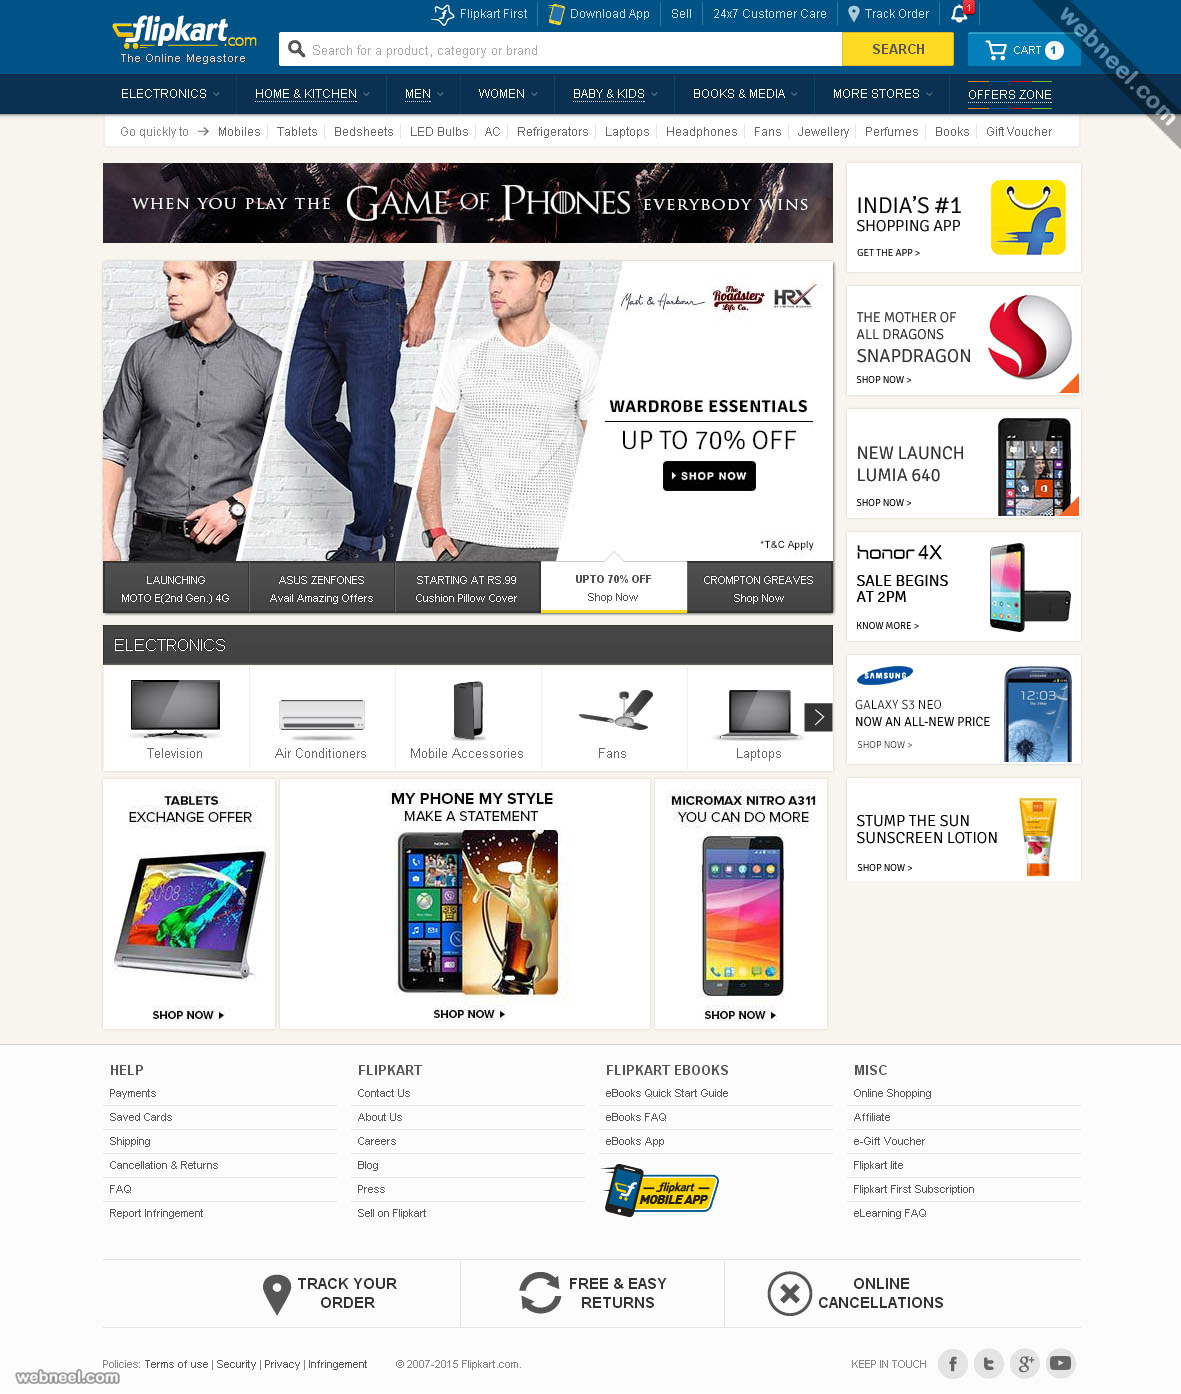 ecommerce website design flipkart